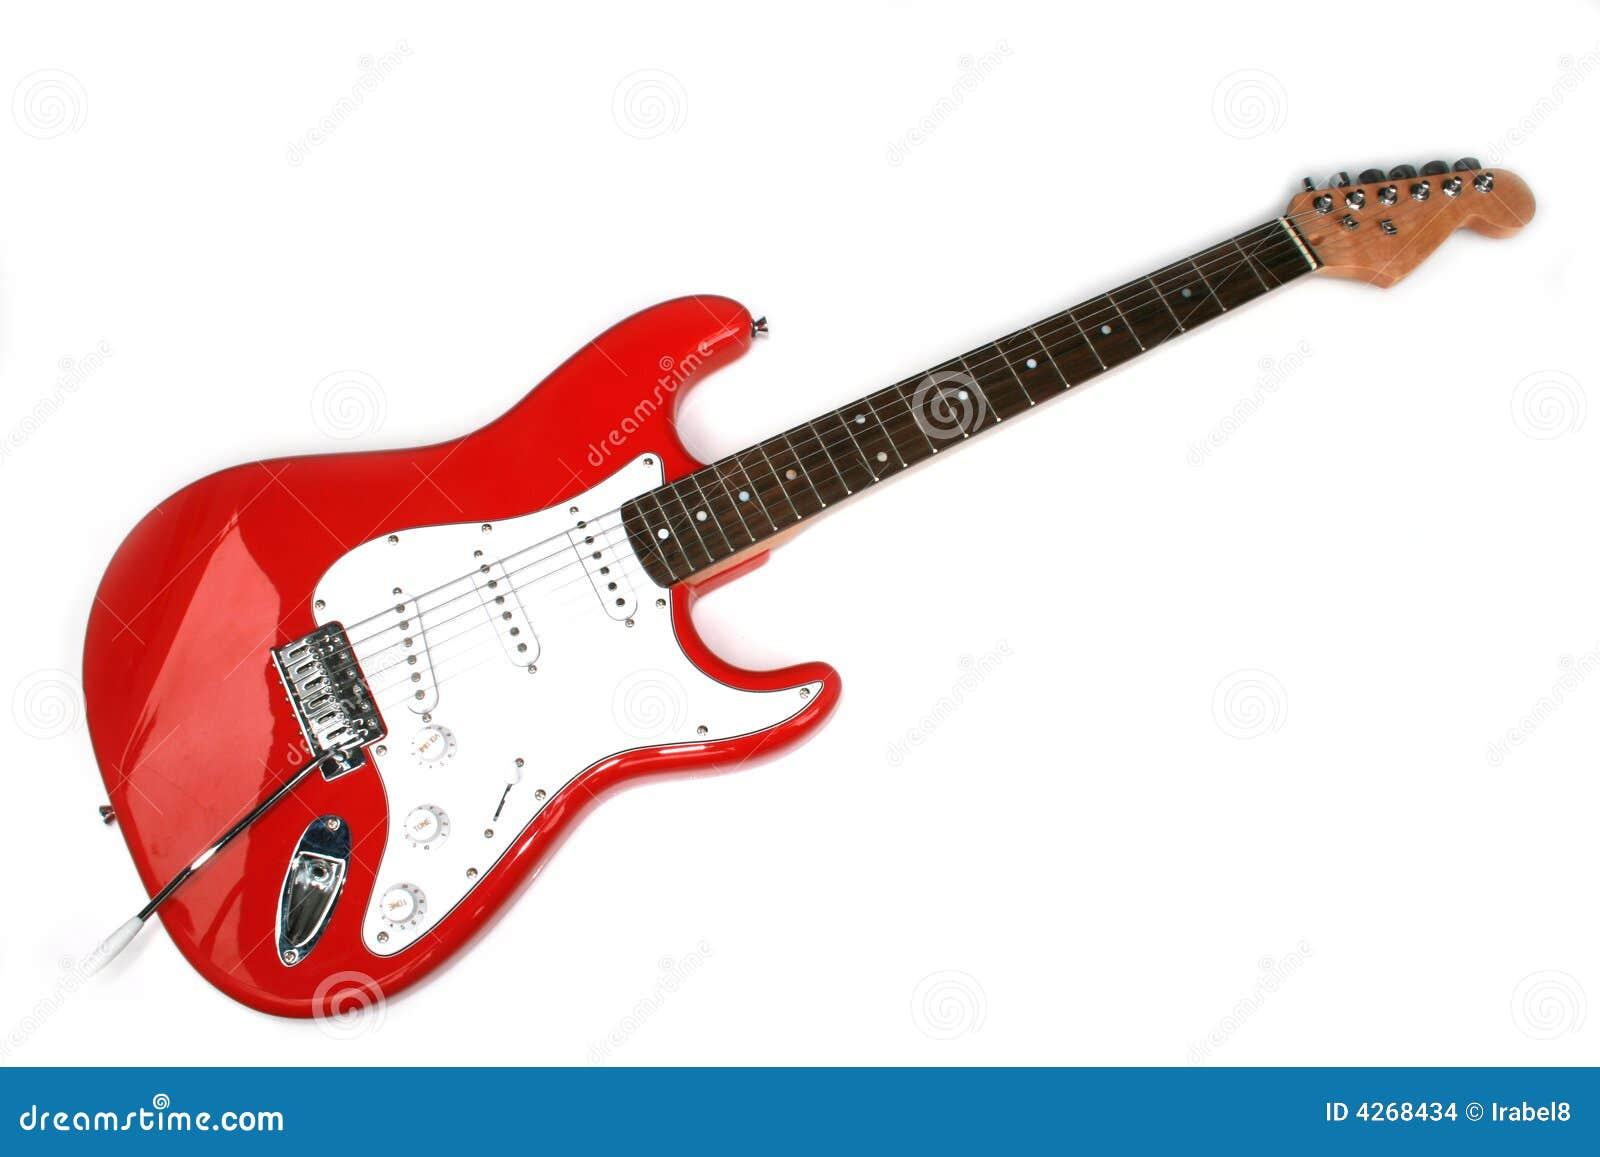 Amigurumi Guitarra Electrica : Guitarra Electrica Roja Con Seis Cadenas Imagenes de ...